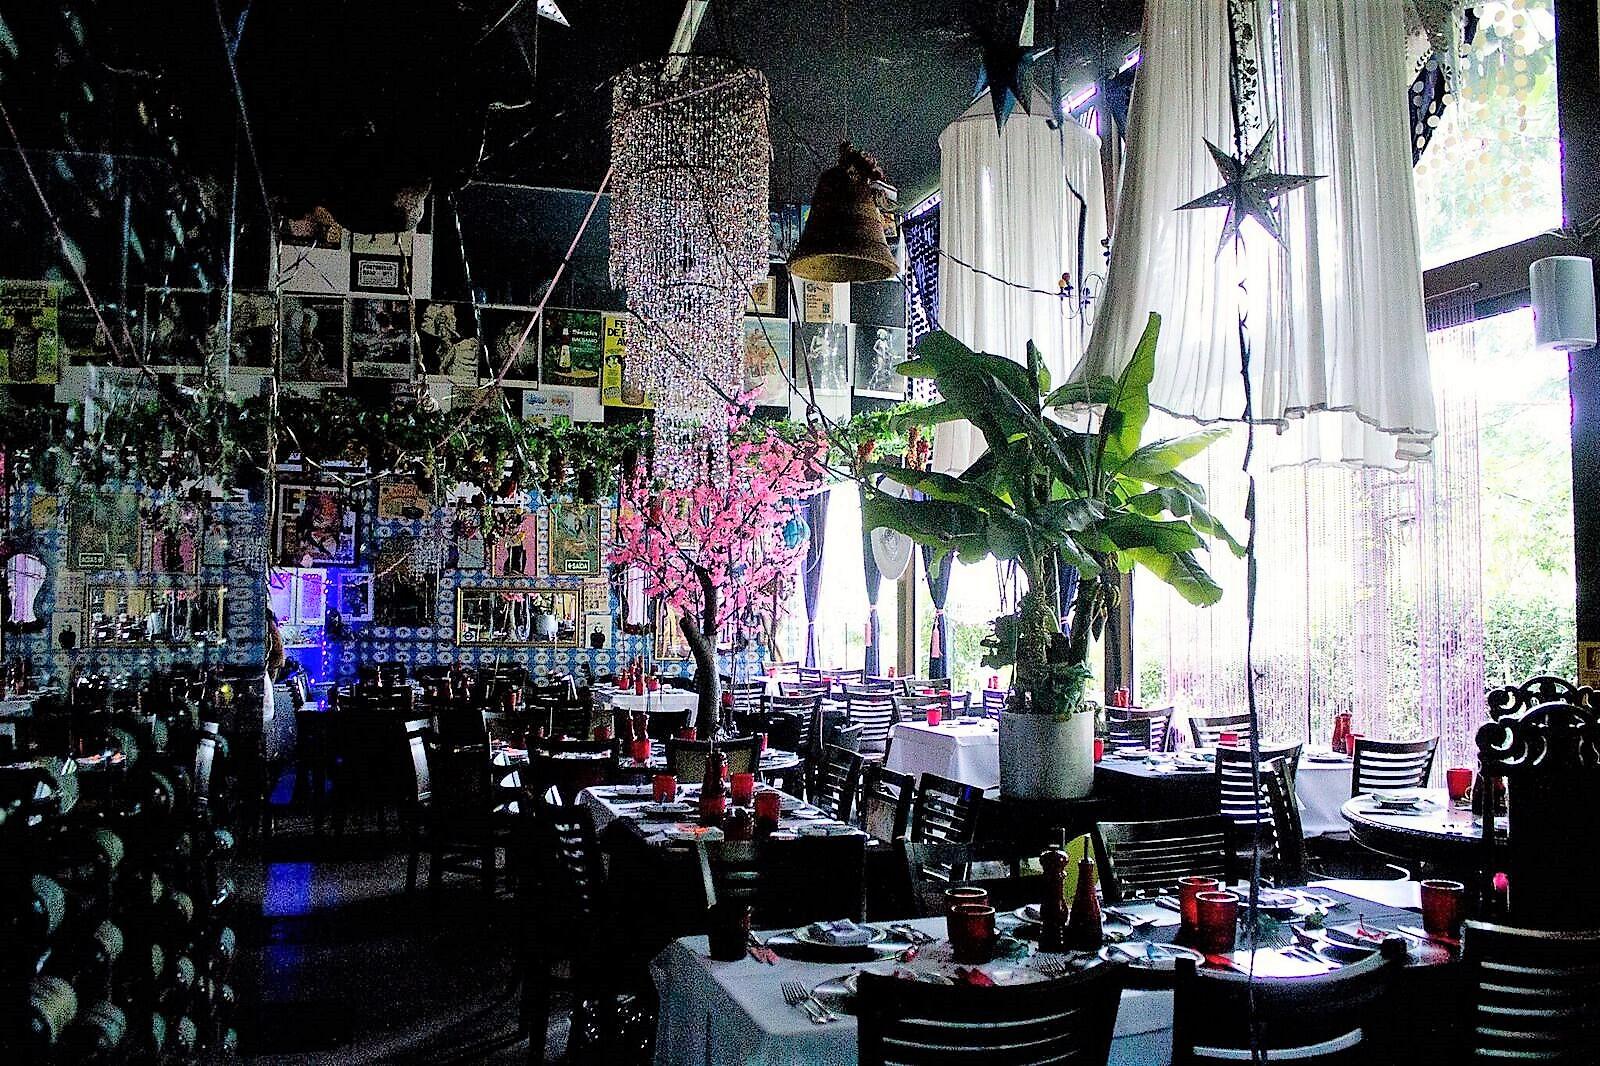 Ambiente - Restaurante Universal - Crédito da foto_ Julia Costa e Victor Vec.JPG_preview.jpeg